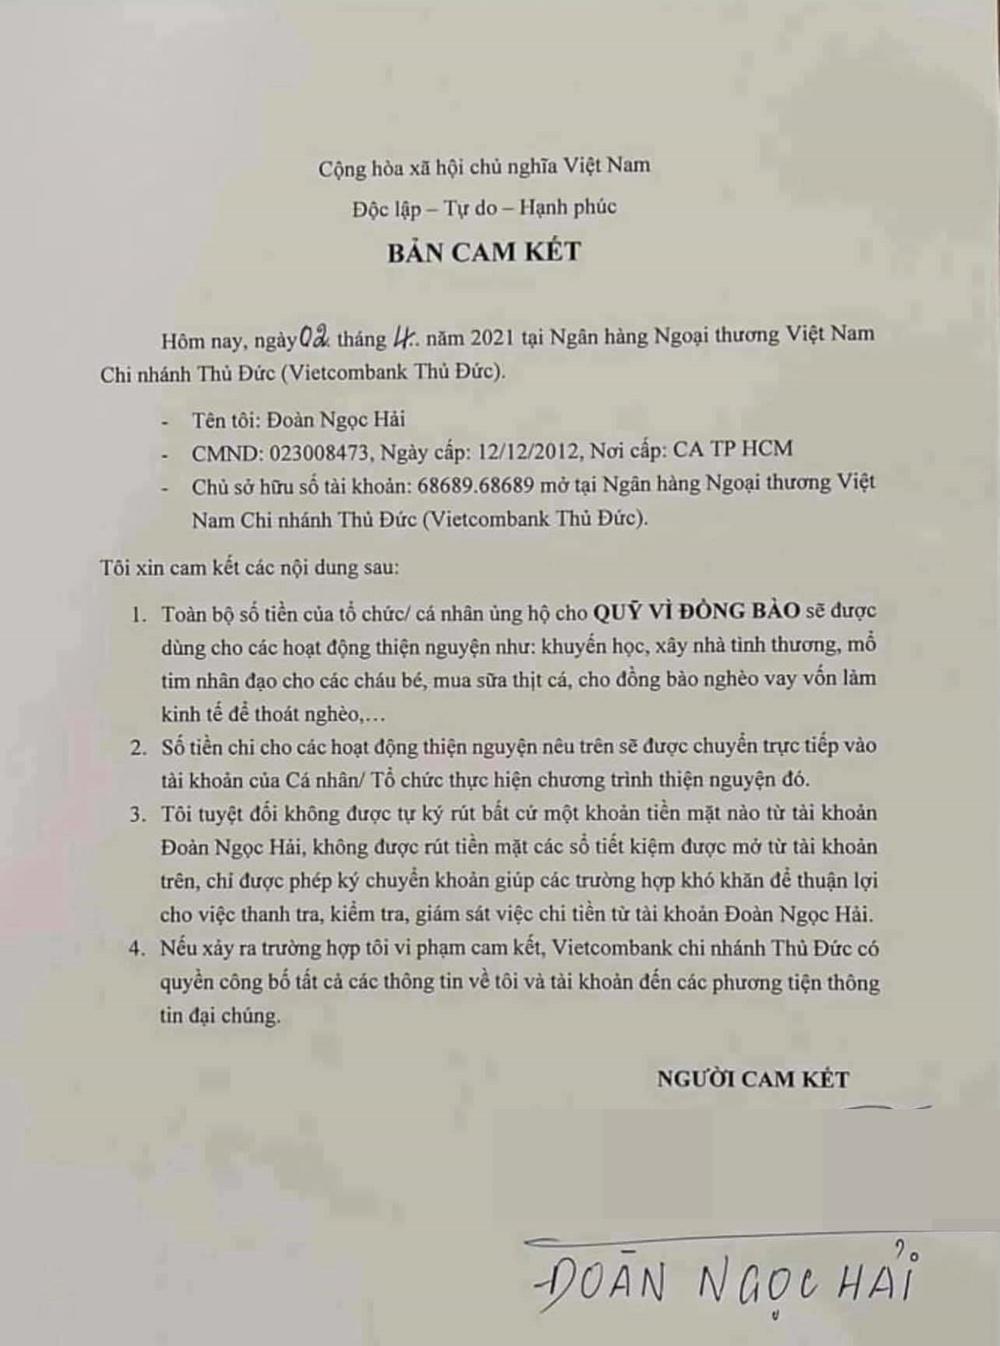 Ông Đoàn Ngọc Hải lại bị vặn vẹo đòi công khai sao kê ngân hàng, cách đối đáp khiến đối phương bẽ mặt - Ảnh 3.